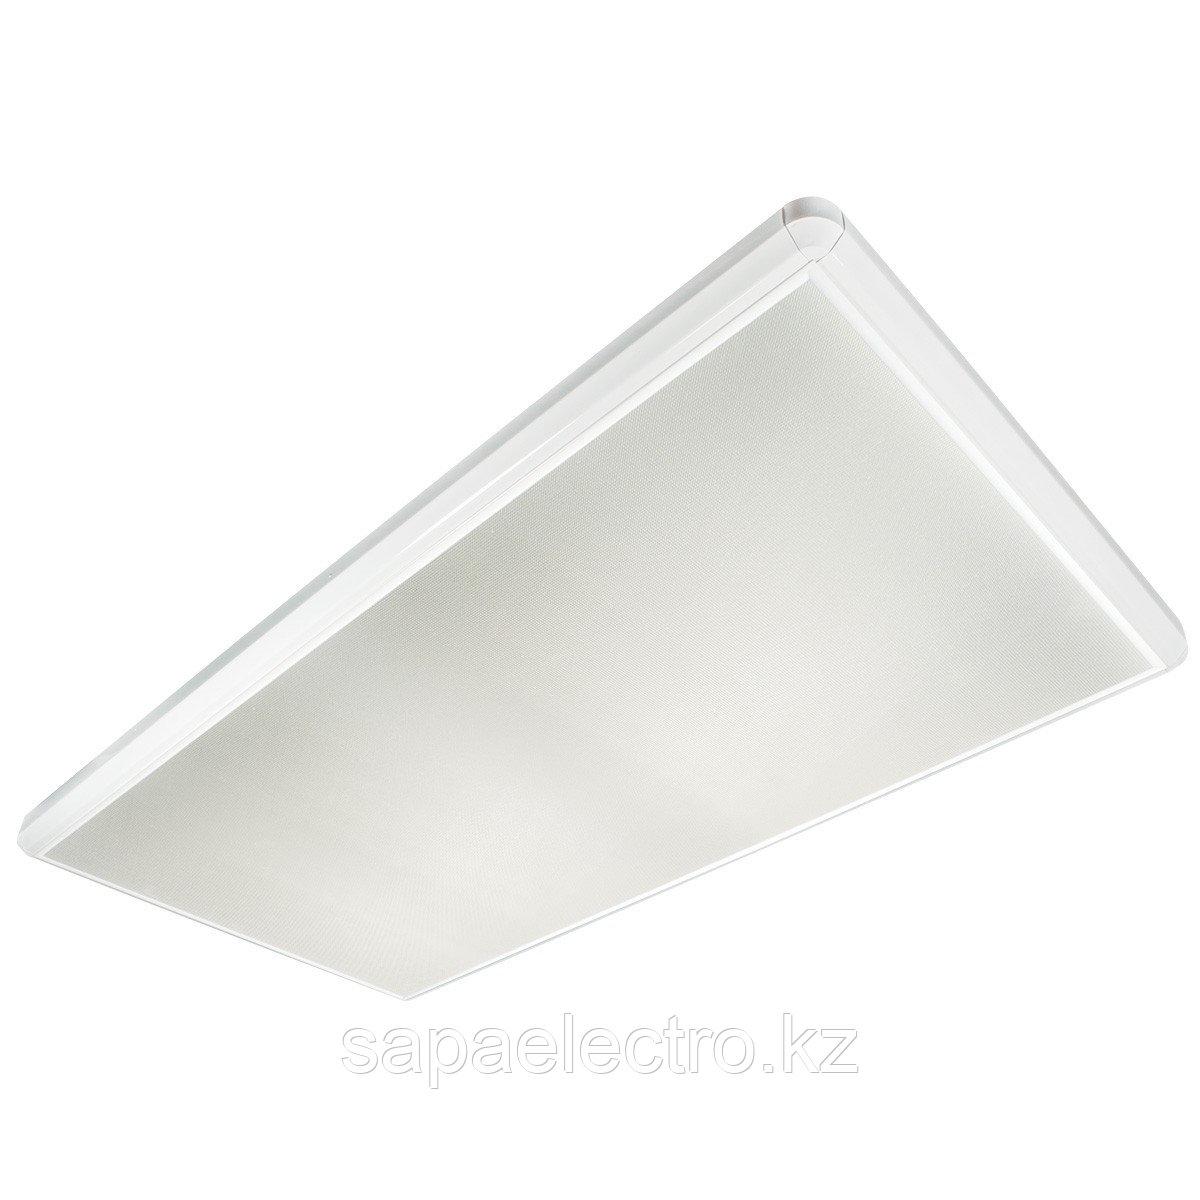 Св-к OPALLED 6X9W/LZN 418 DETAY накл-й MEGALUX